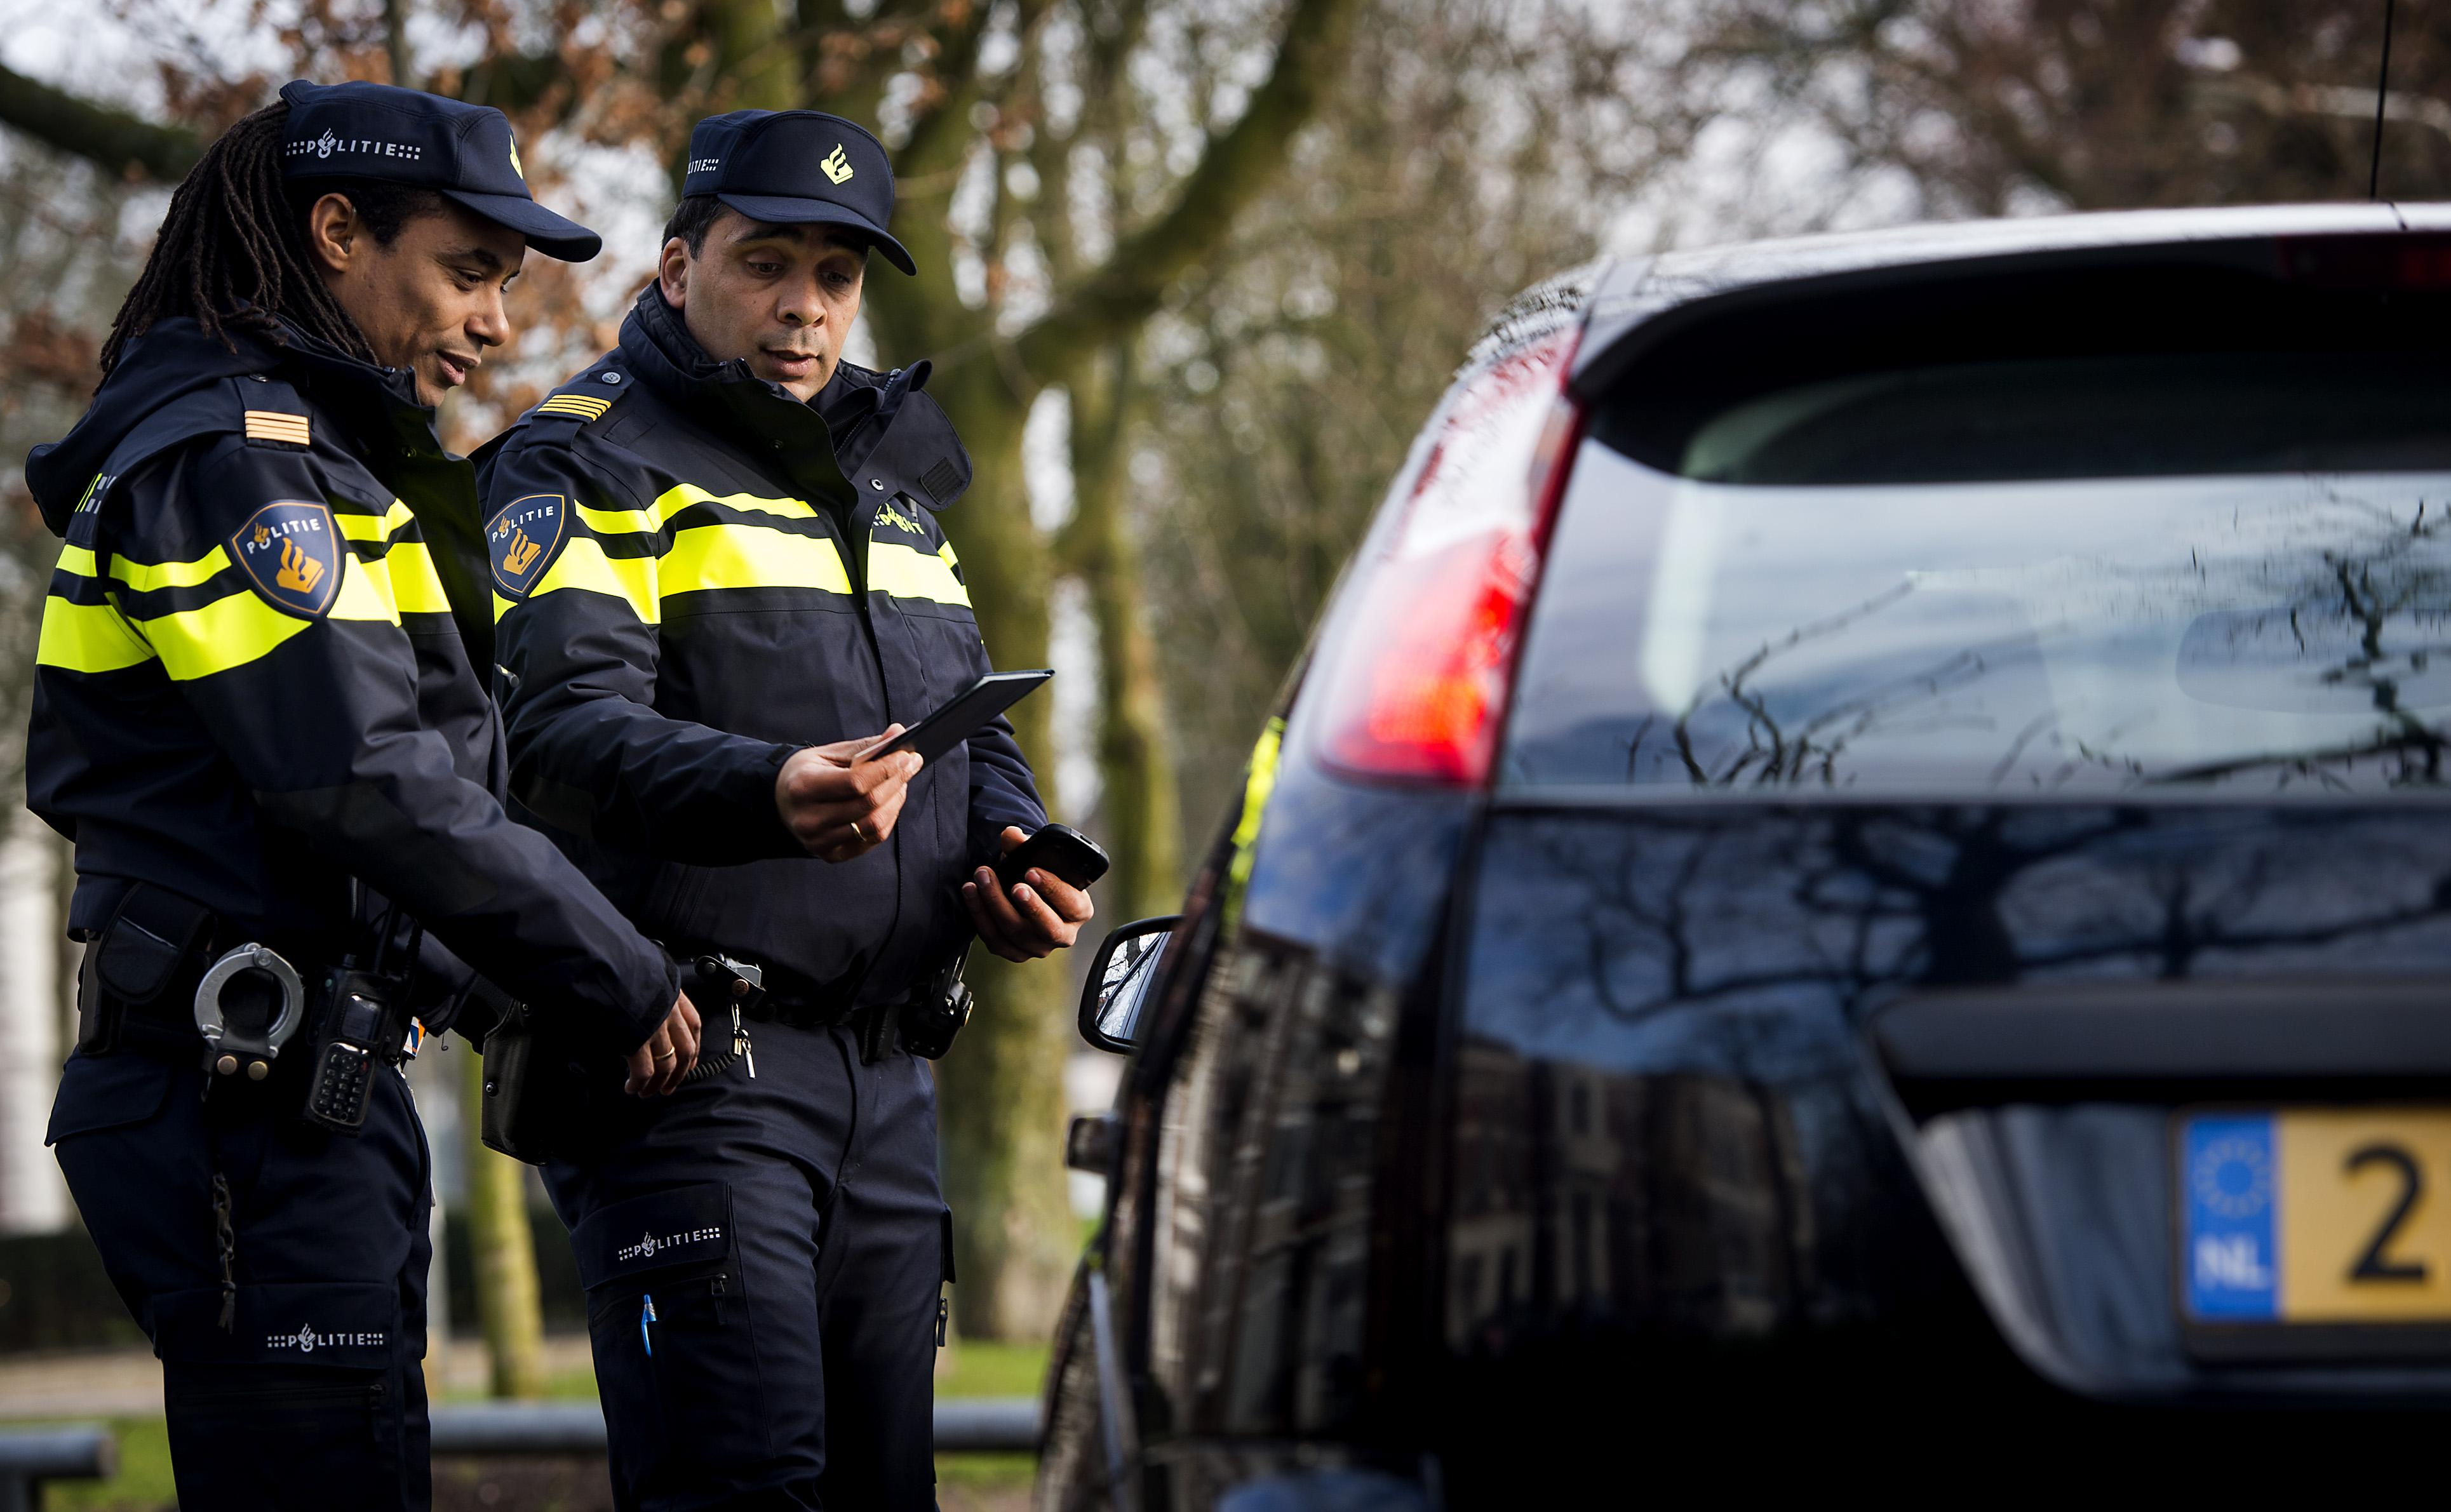 Man in Berkhout voor de vijfde keer zonder rijbewijs gepakt, ditmaal ook onder invloed van drugs